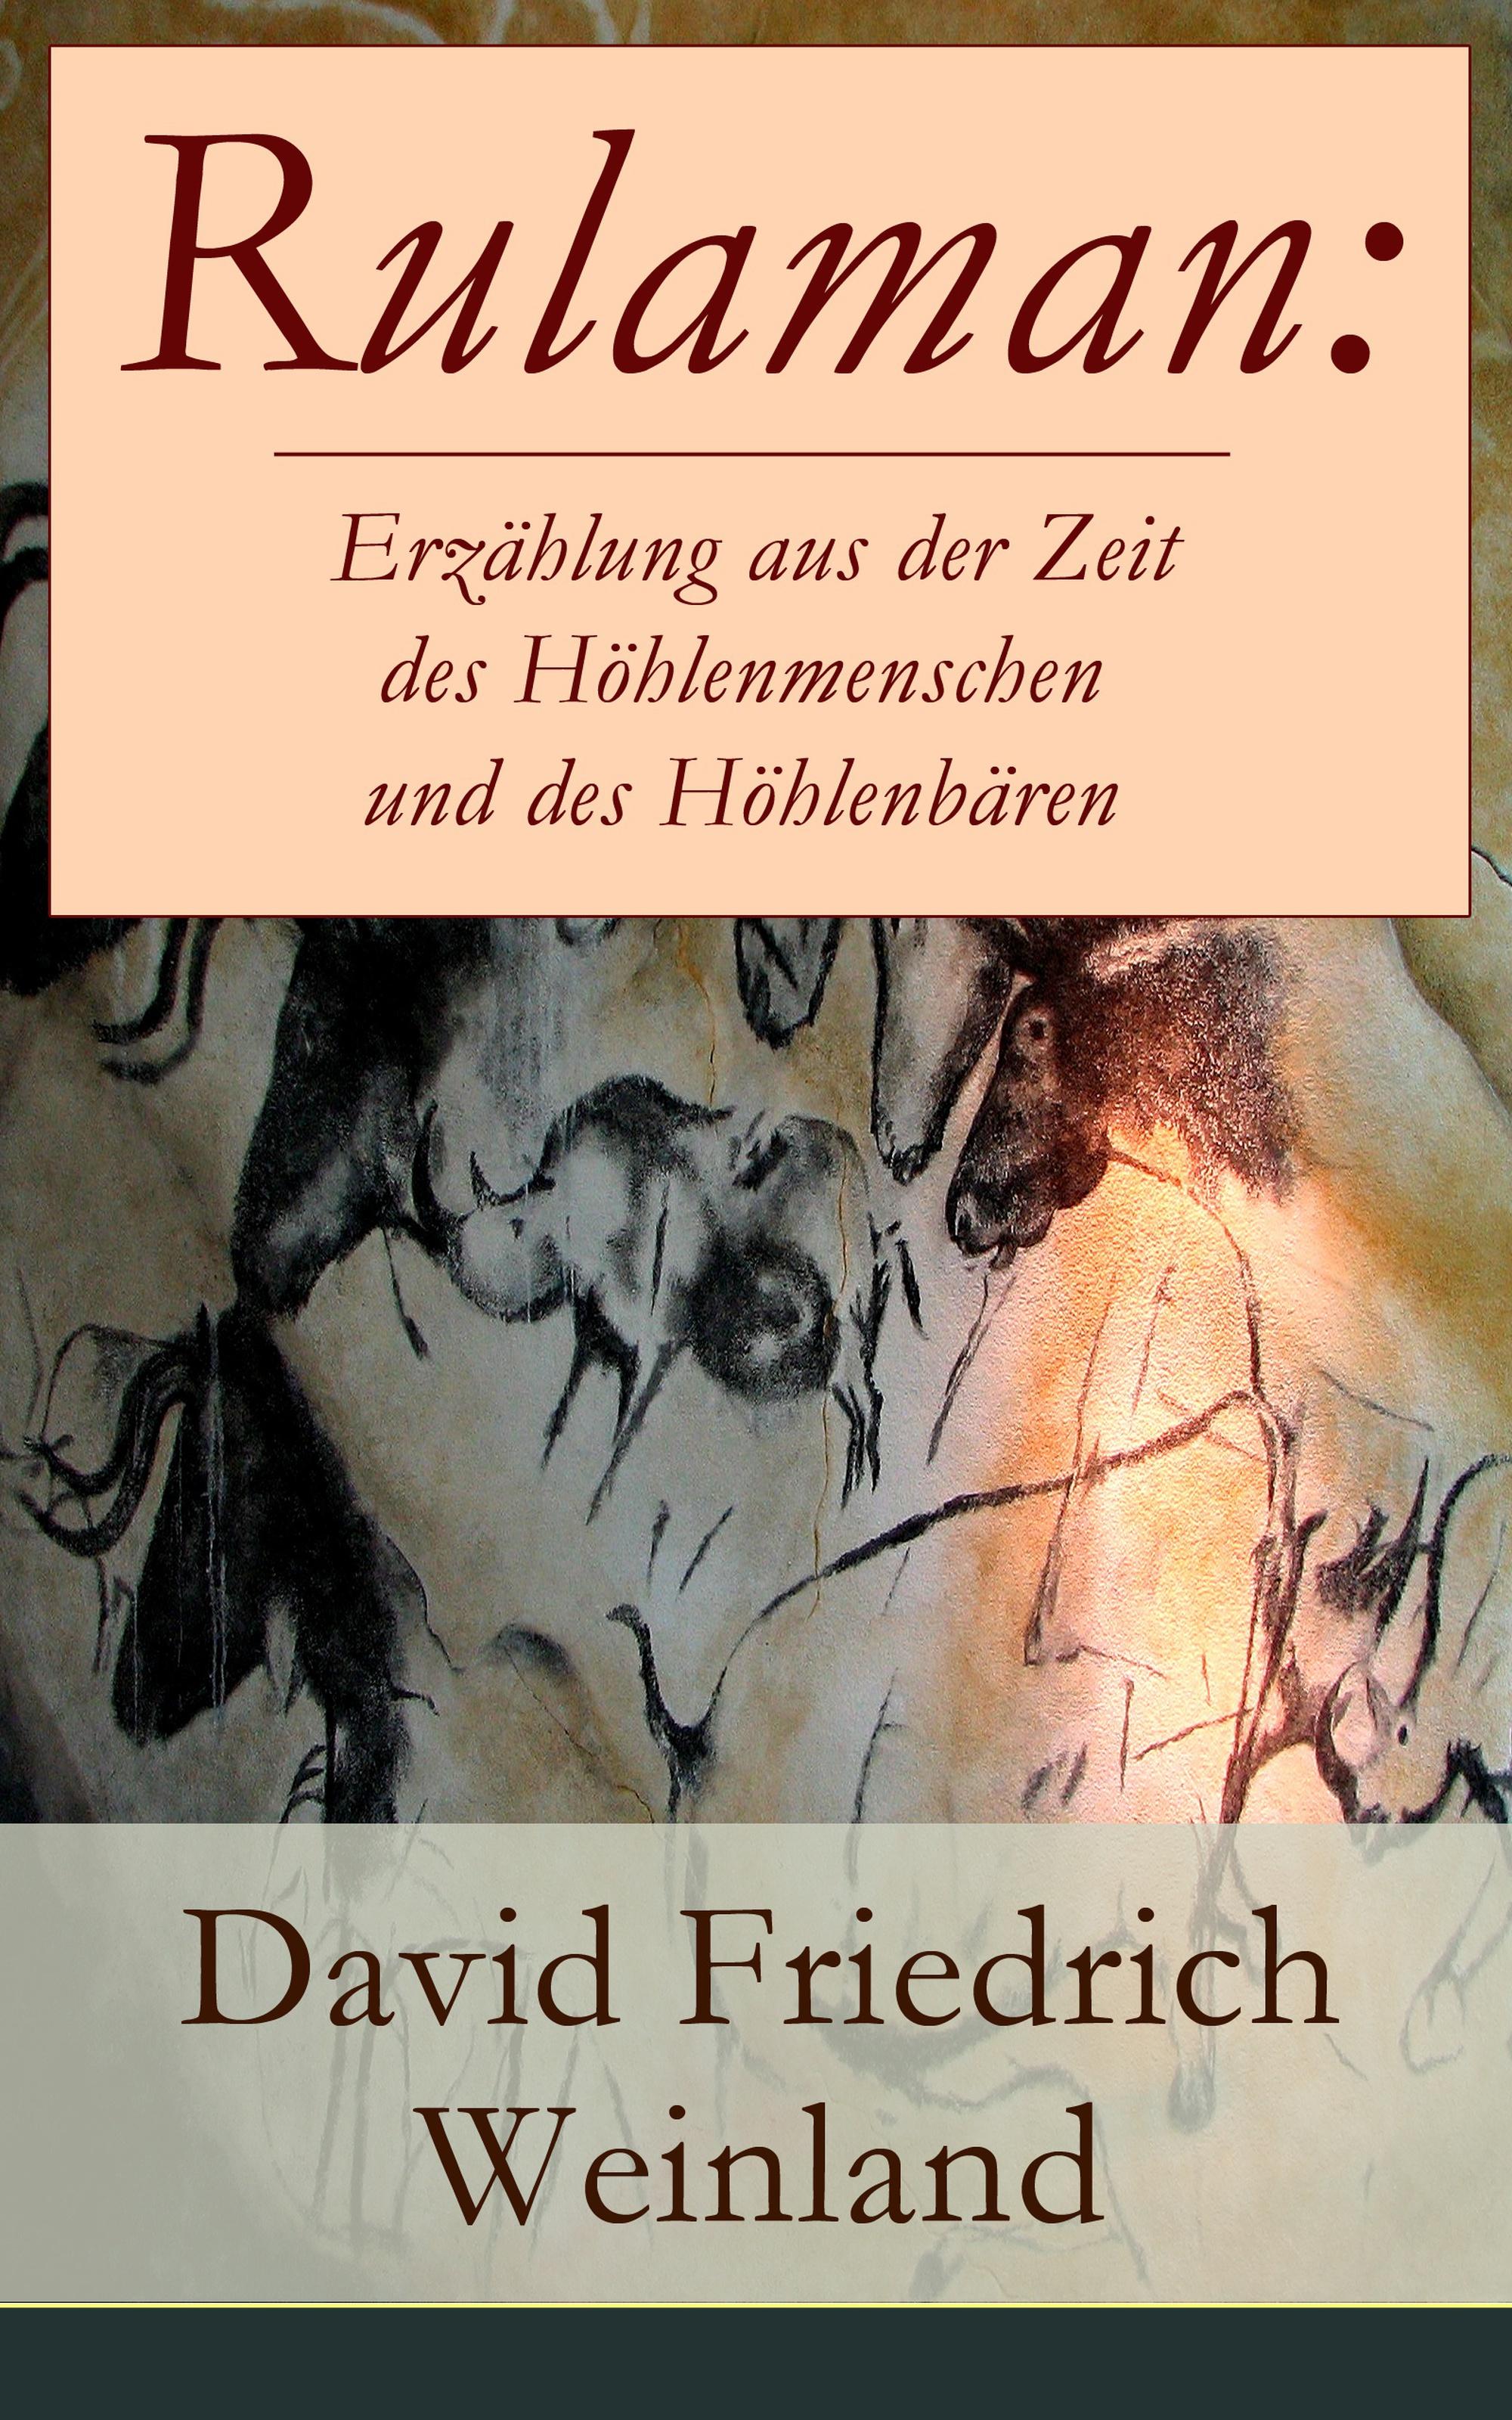 David Friedrich Weinland Rulaman: Erzählung aus der Zeit des Höhlenmenschen und des Höhlenbären karl friedrich hensler eugen der zweyte der held unsrer zeit